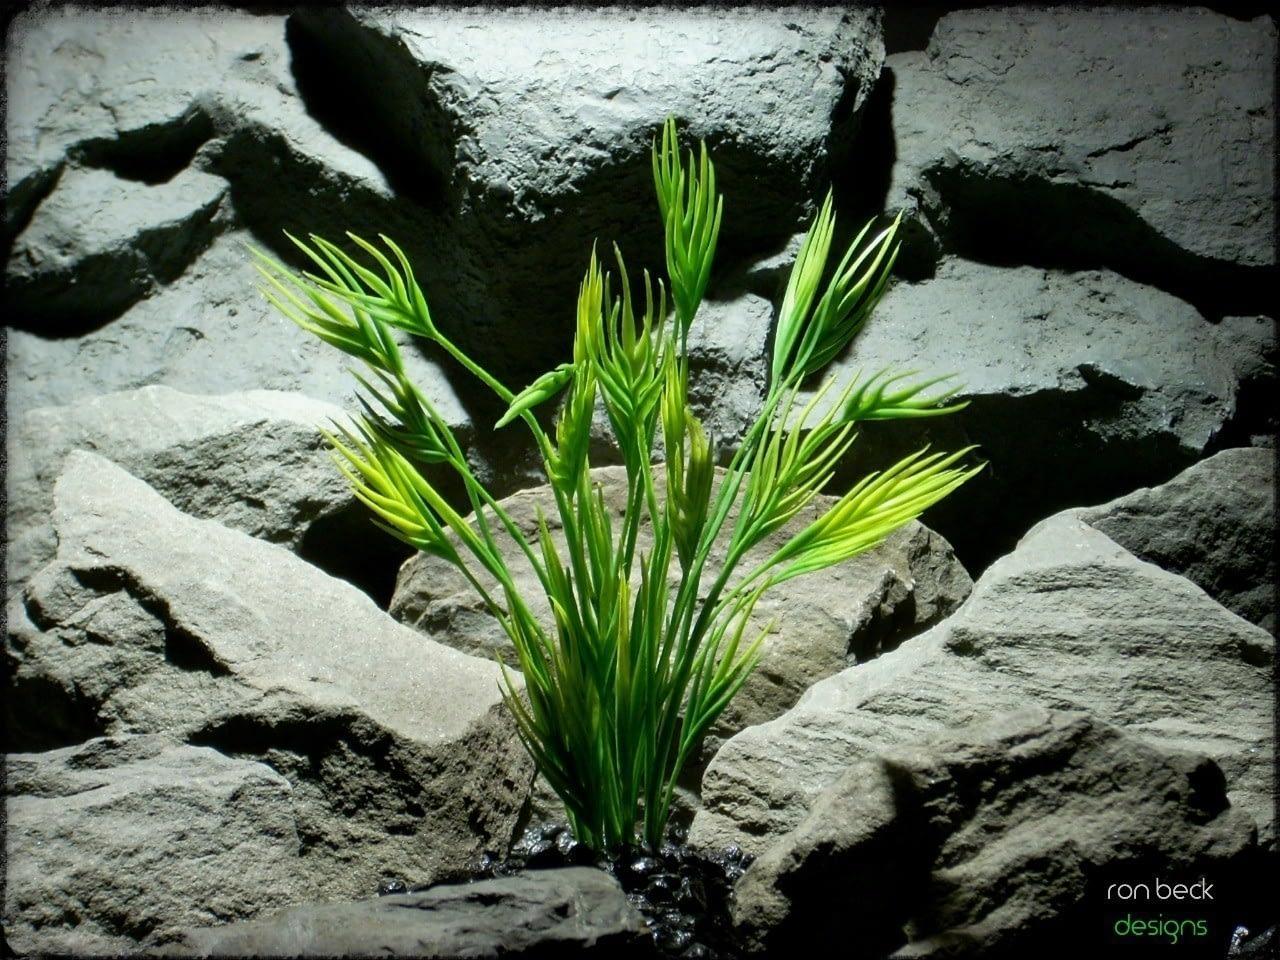 plastic aquarium plant- mermaid grass from ron beck designs pap223 2